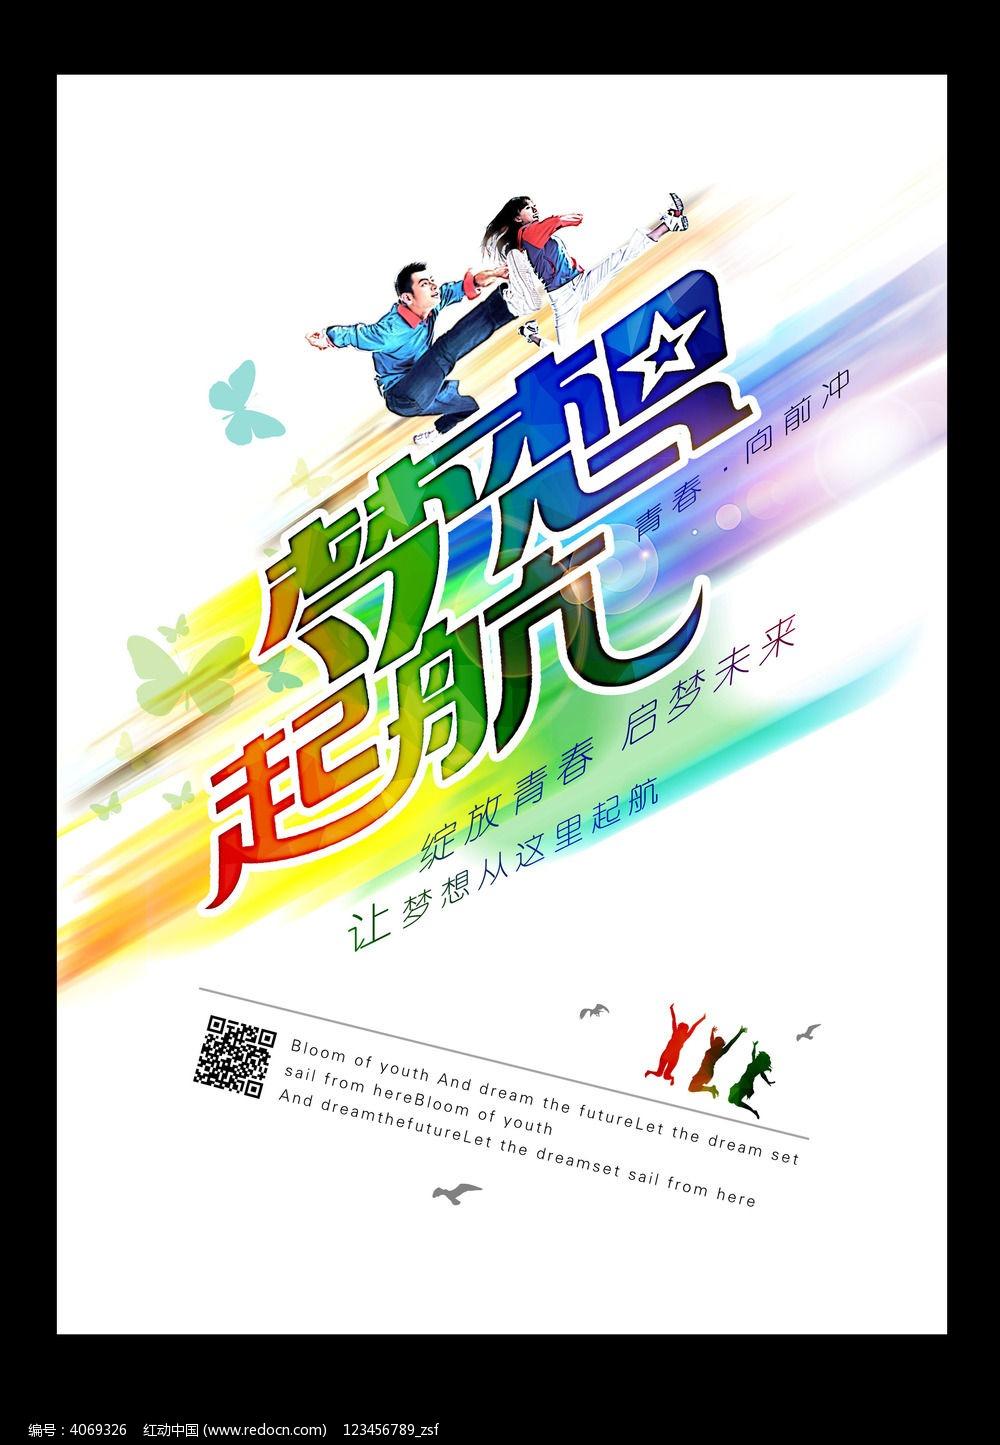 炫彩青春动起来励志海报psd设计下载